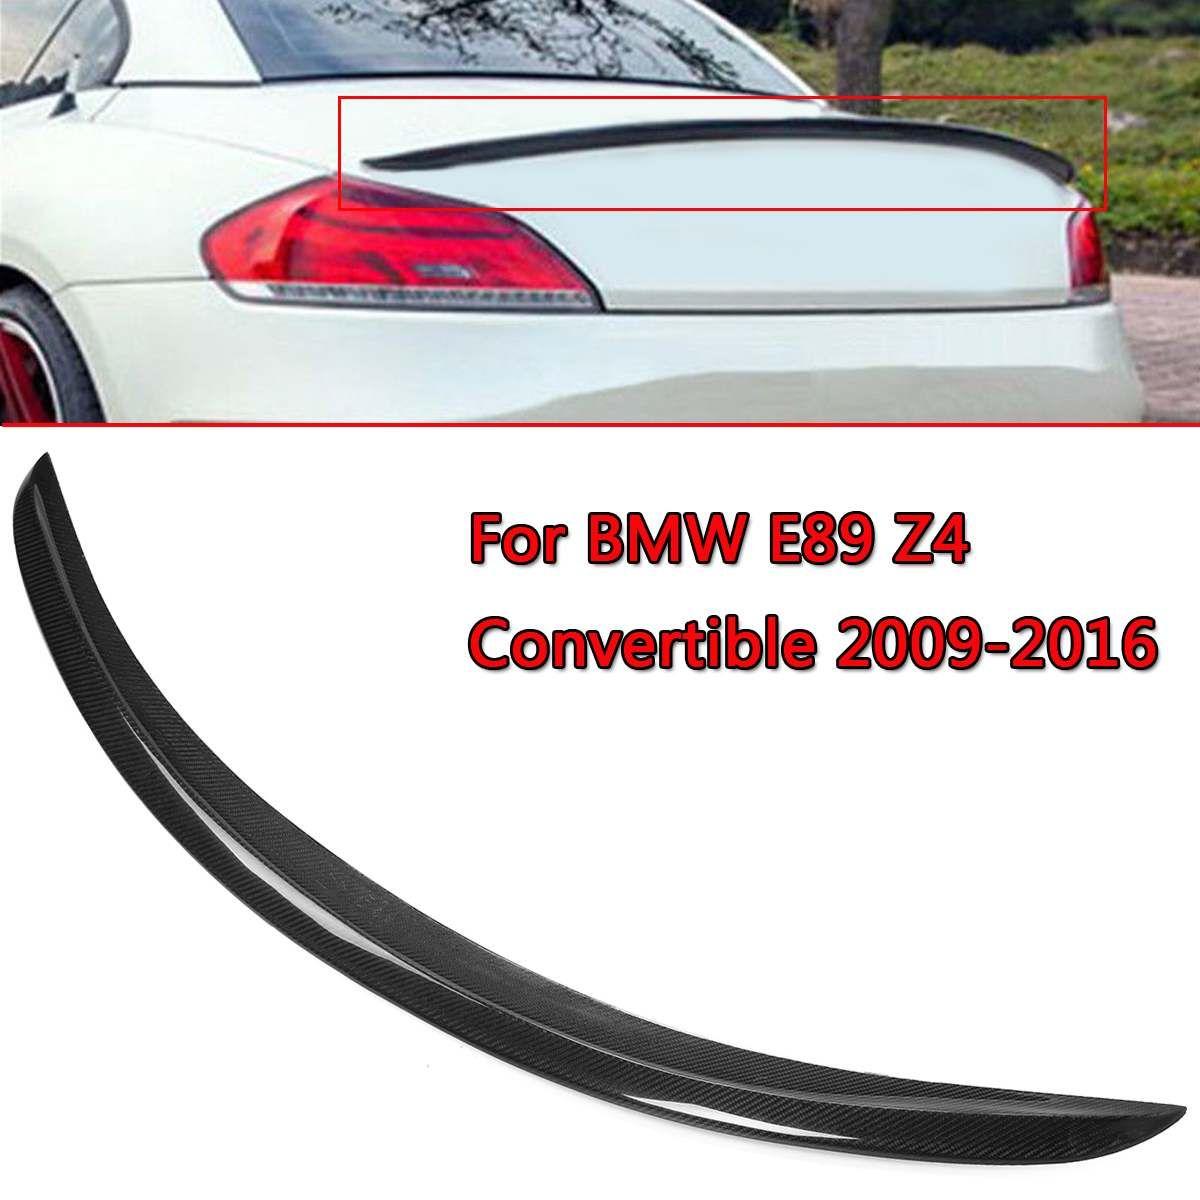 Neue Real Carbon Fiber Trunk Lip Spoiler Für BMW E89 Z4 Cabrio 2009-2016 Glanz Schwarz mit Carbon Faser heckspoiler Flügel